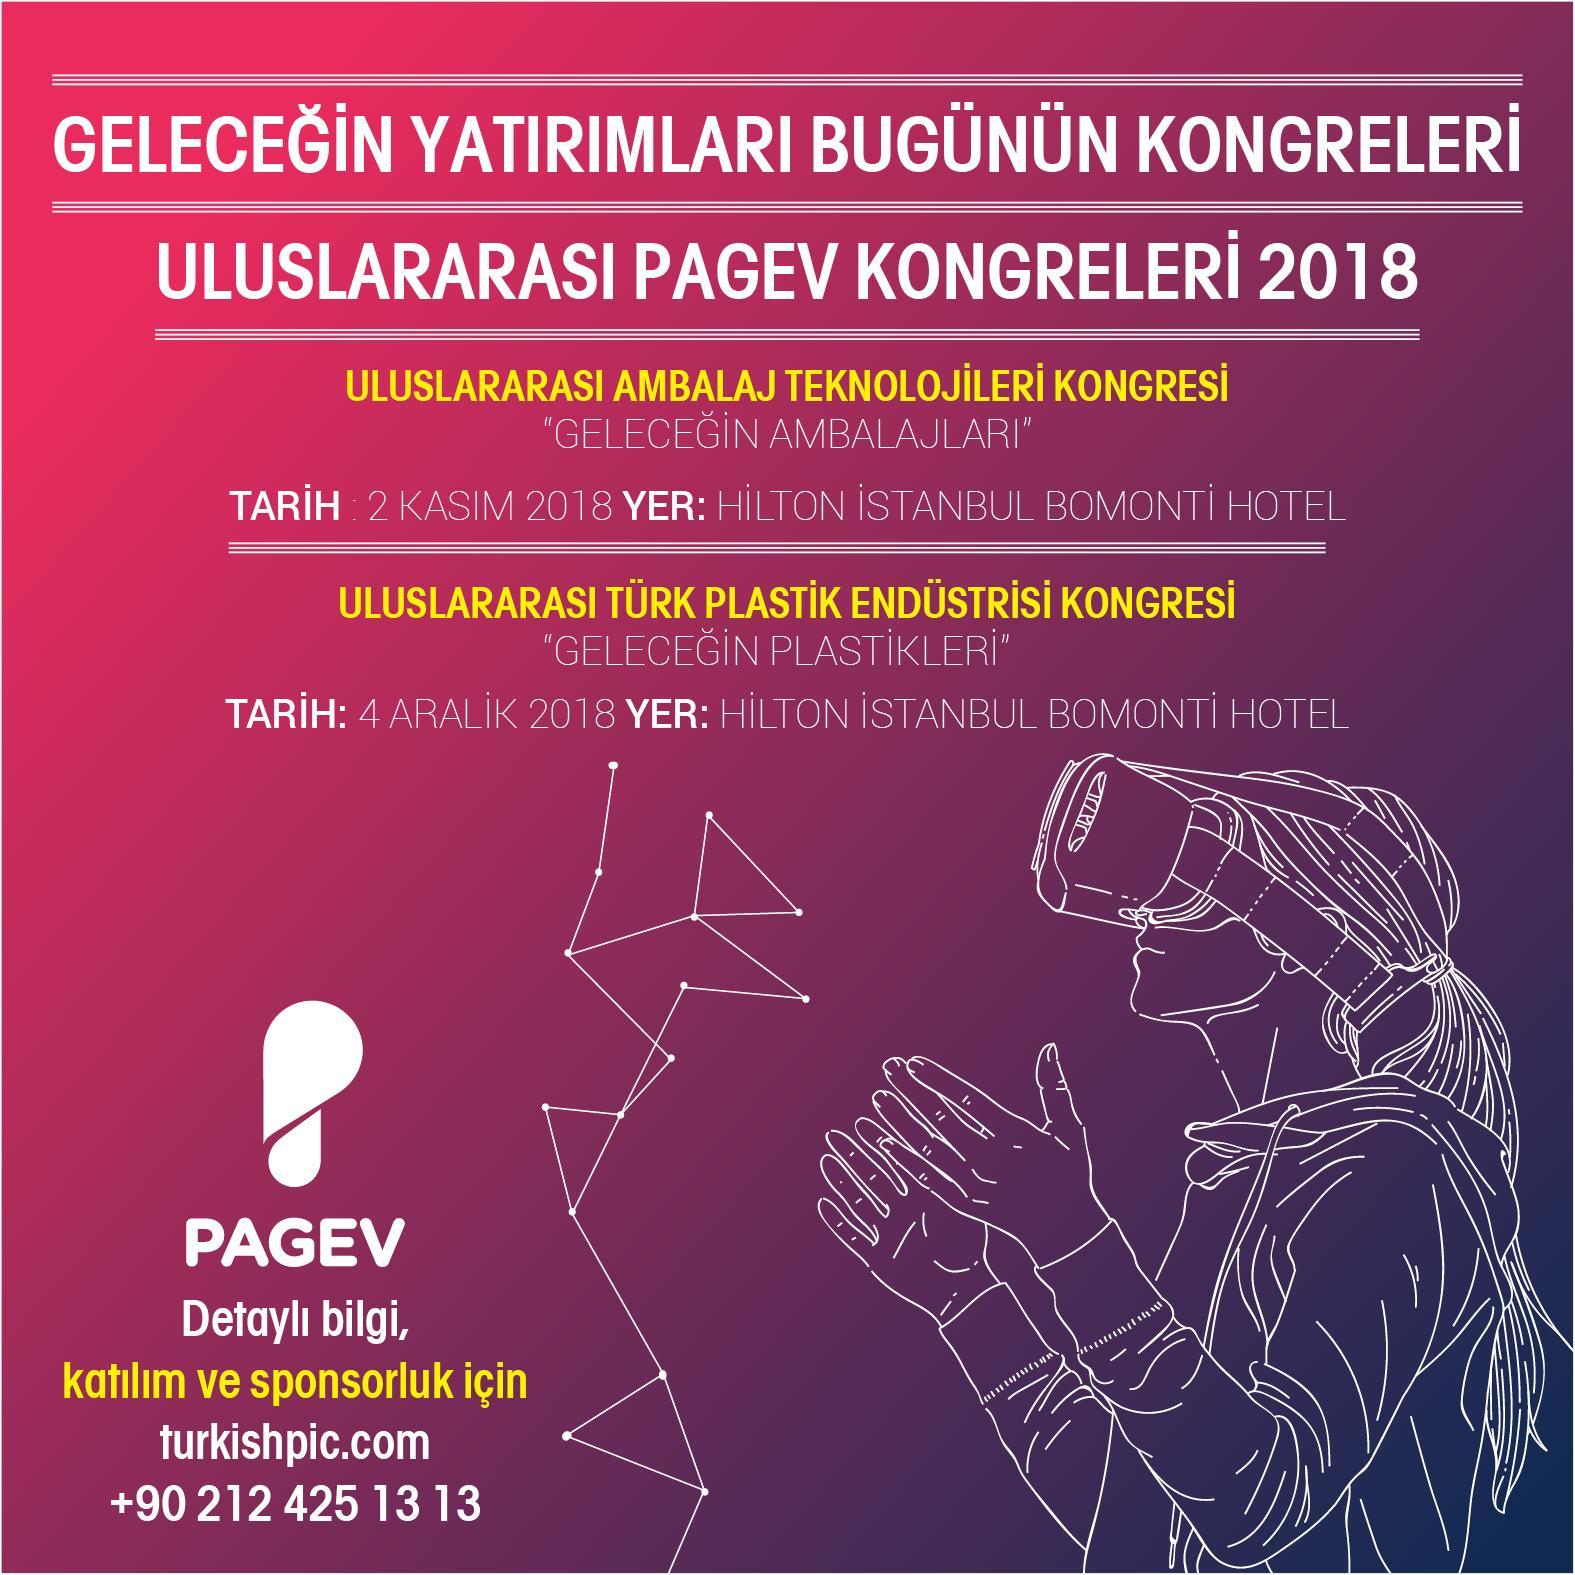 5. PAGEV Uluslararası Plastik Ambalaj Teknolojileri Kongresi